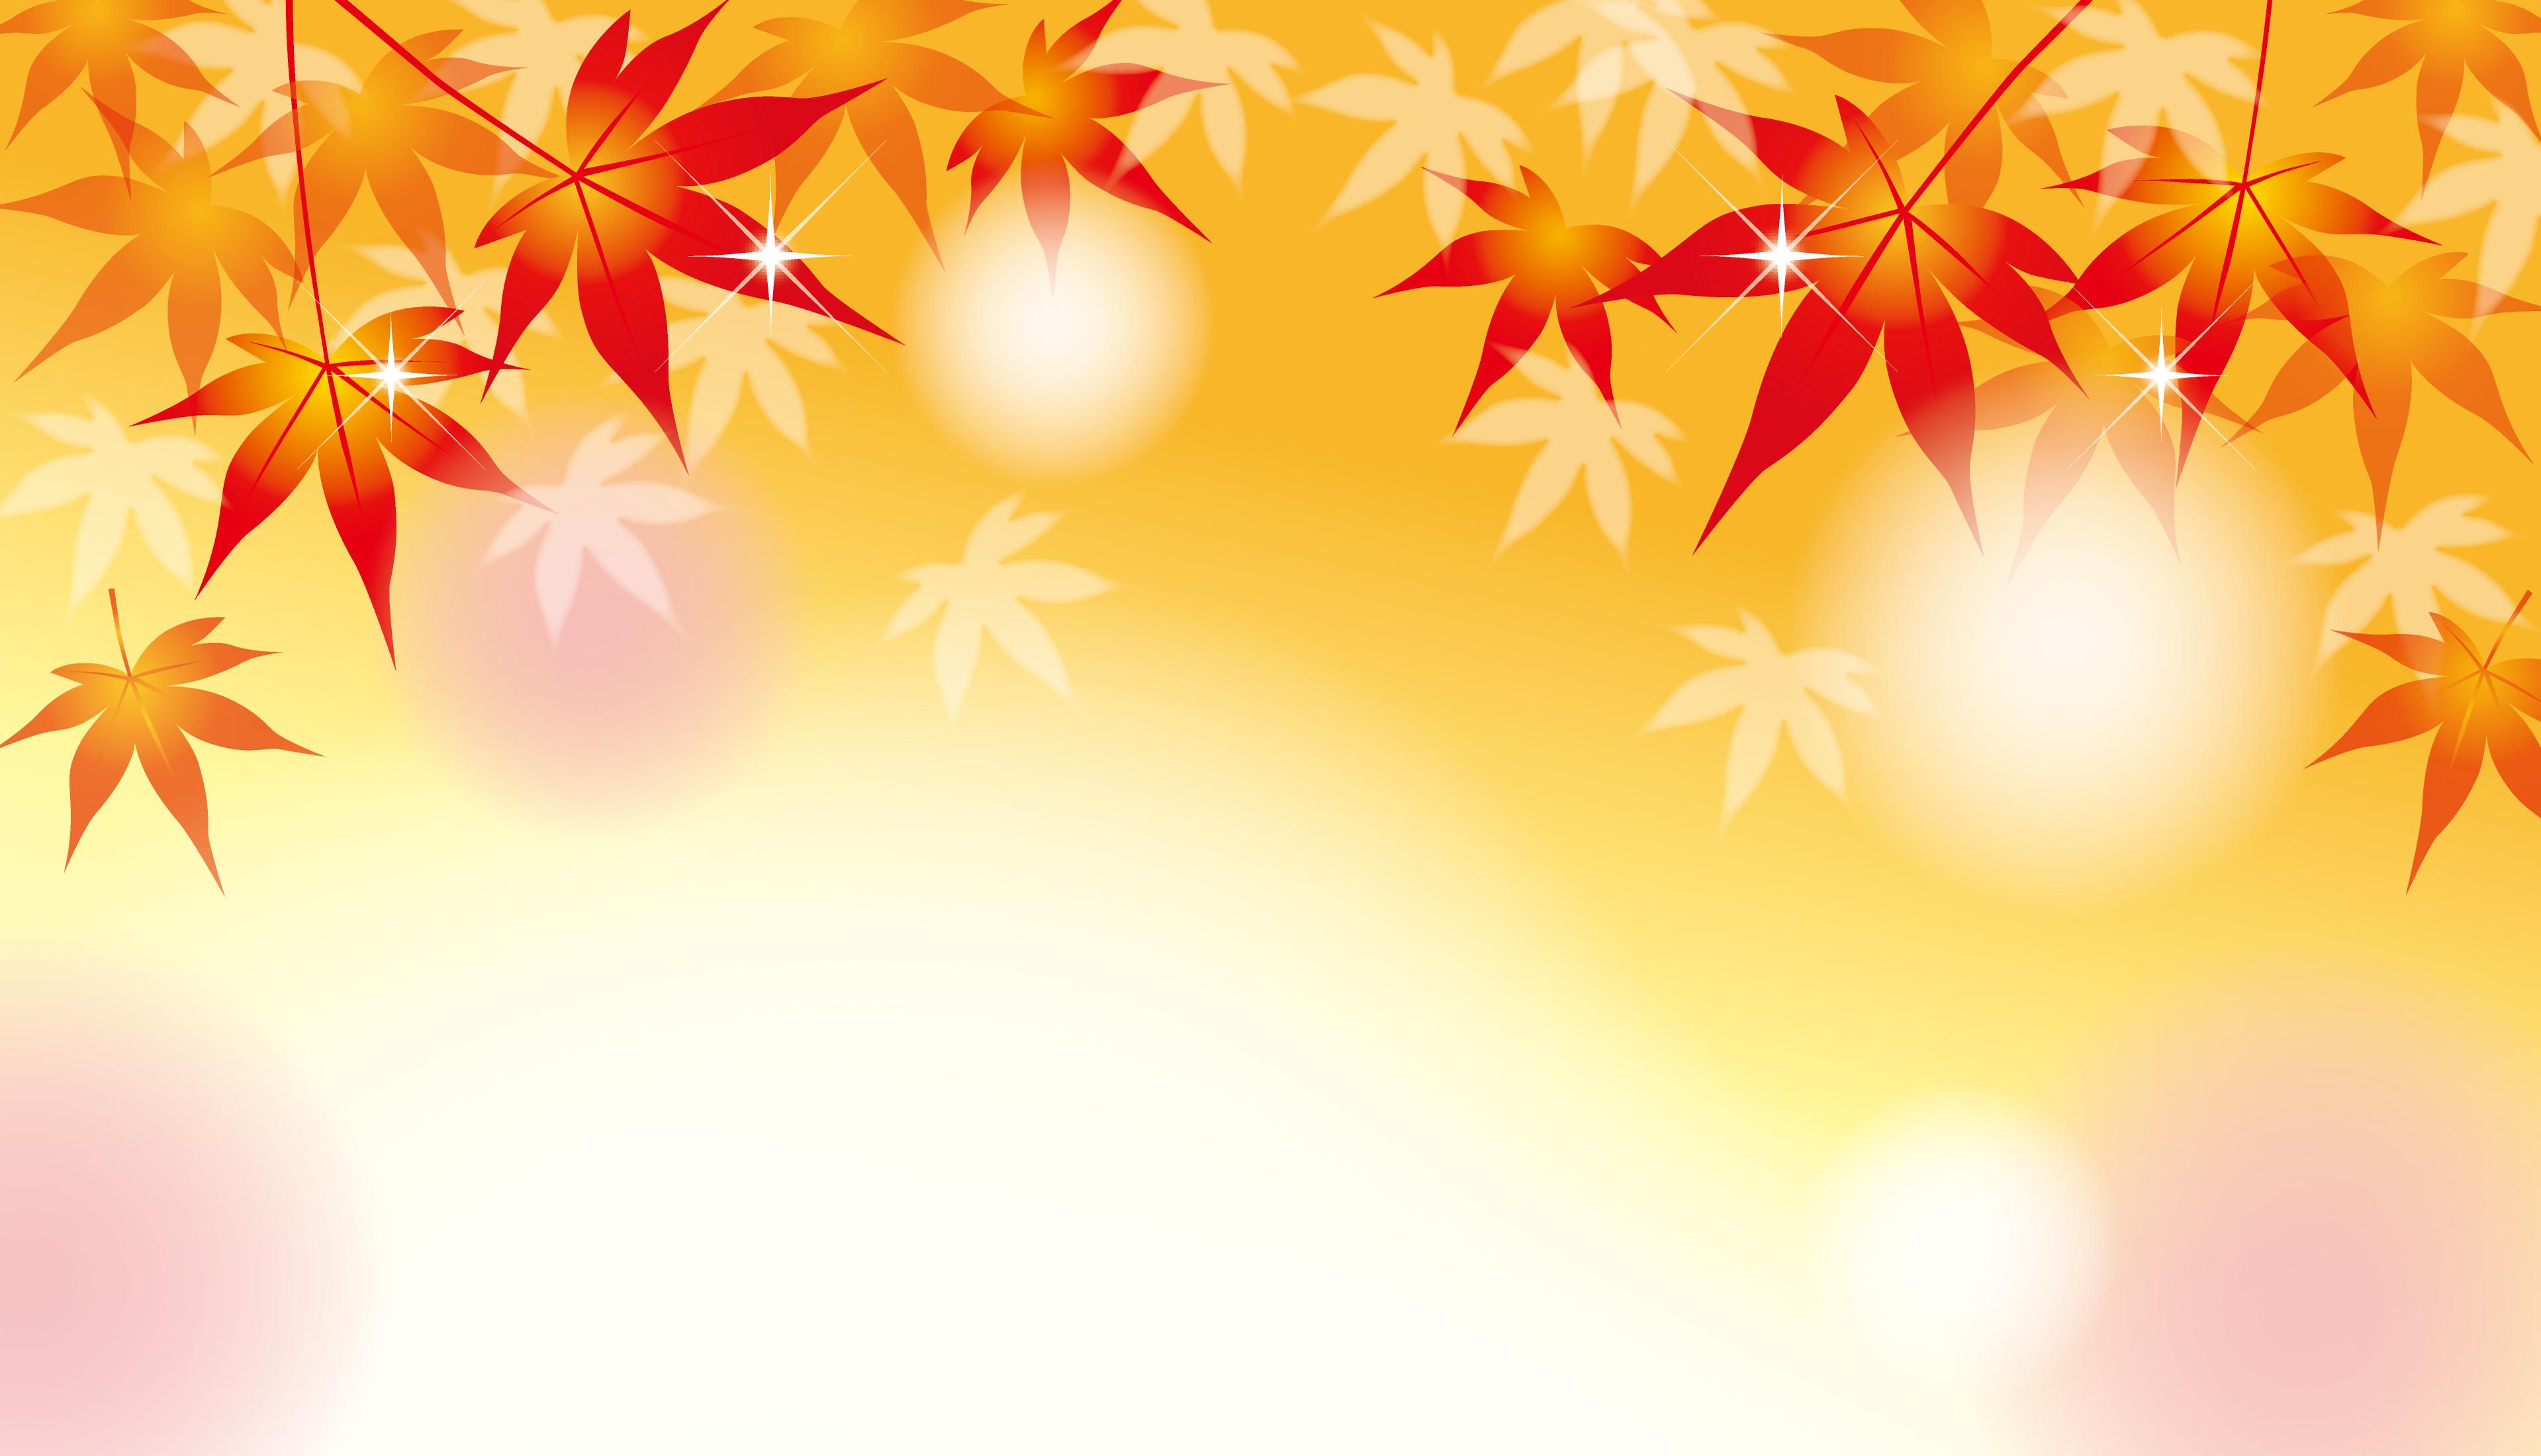 後半戦突入!浪人生が秋シーズンに必ずやるべき勉強面・精神面の対策